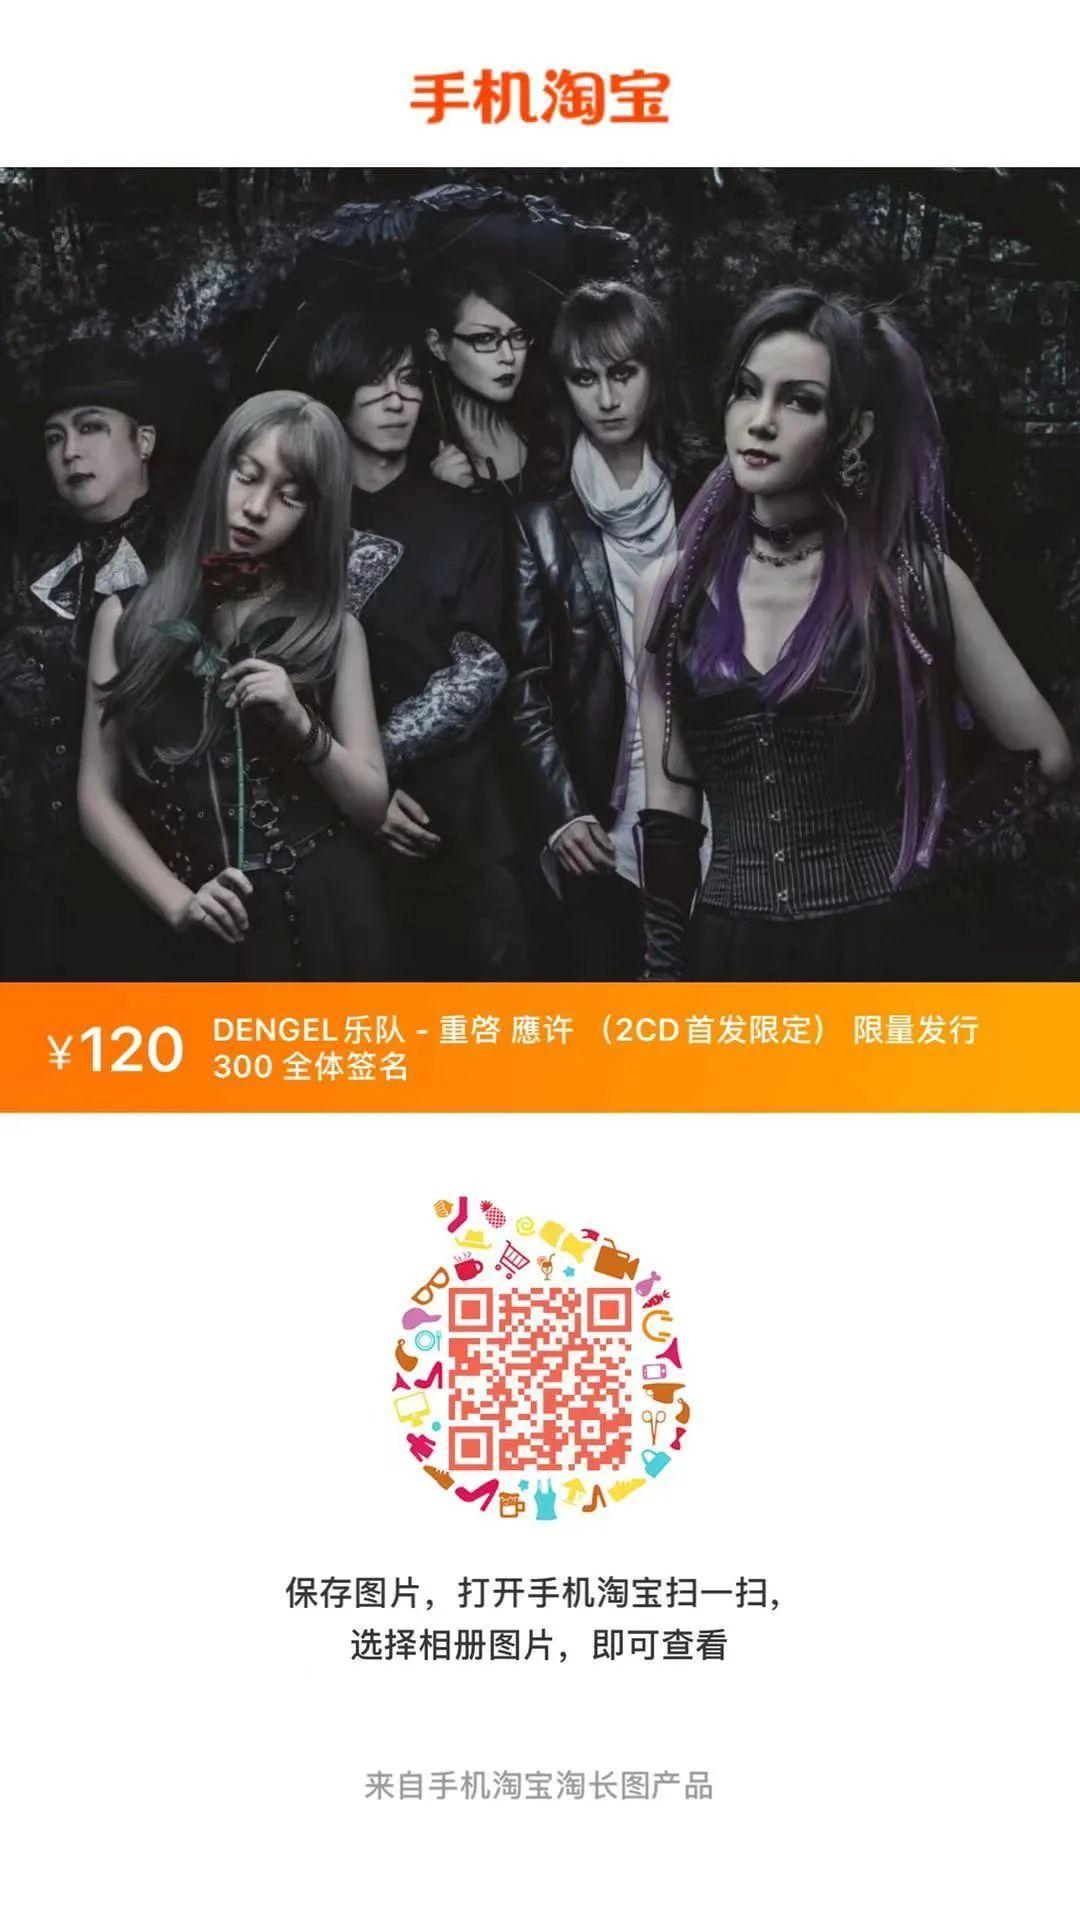 【抽奖】唯美哥特女声金属单舟DengeL乐队2021新专辑重啟•應許全国巡演即将开始!